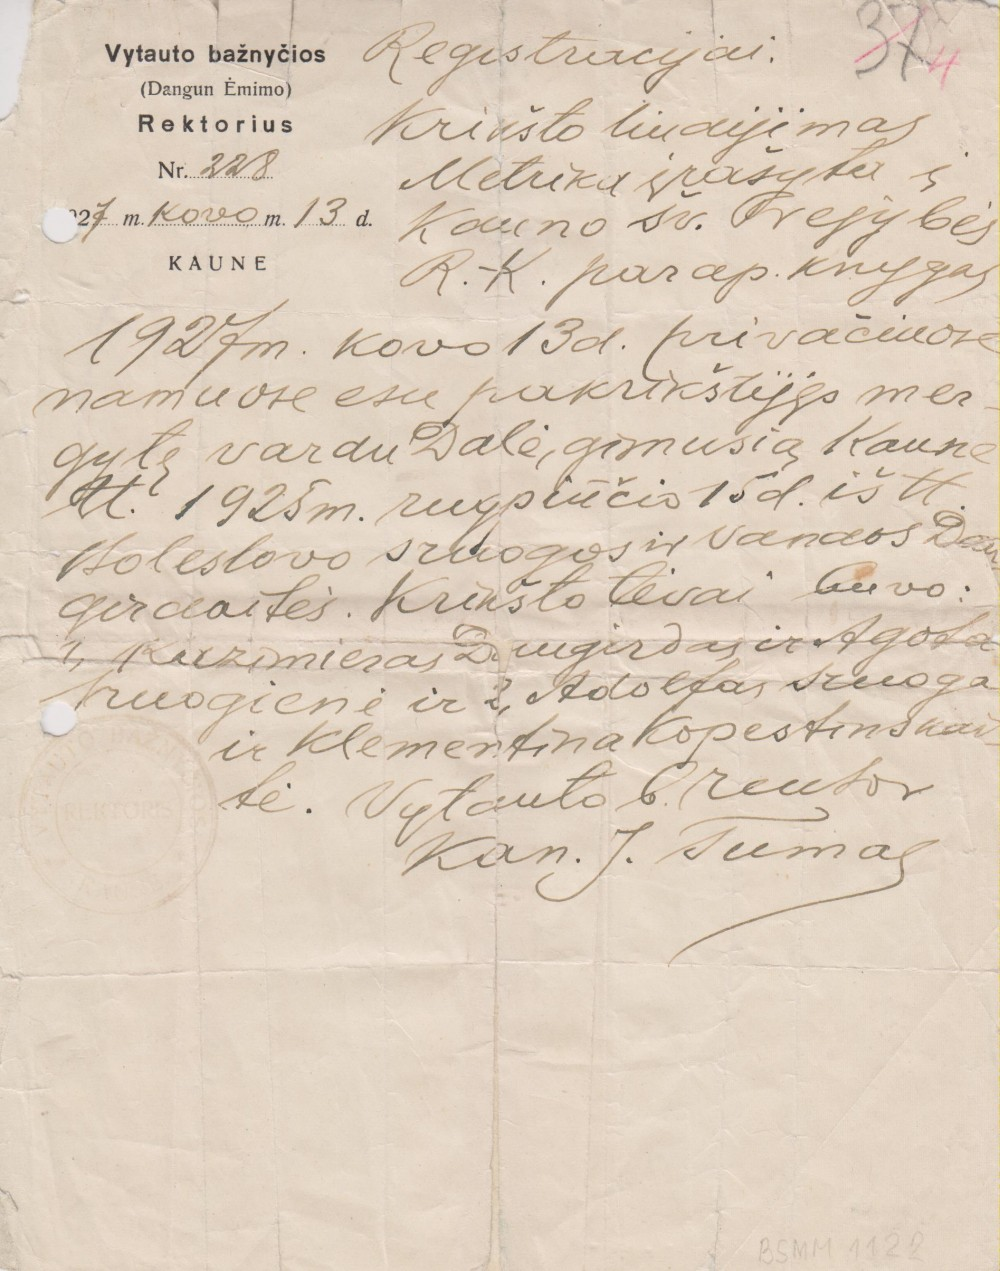 D. Sruogaitės Krikšto liudijimas. Kaunas, 1927 03 13